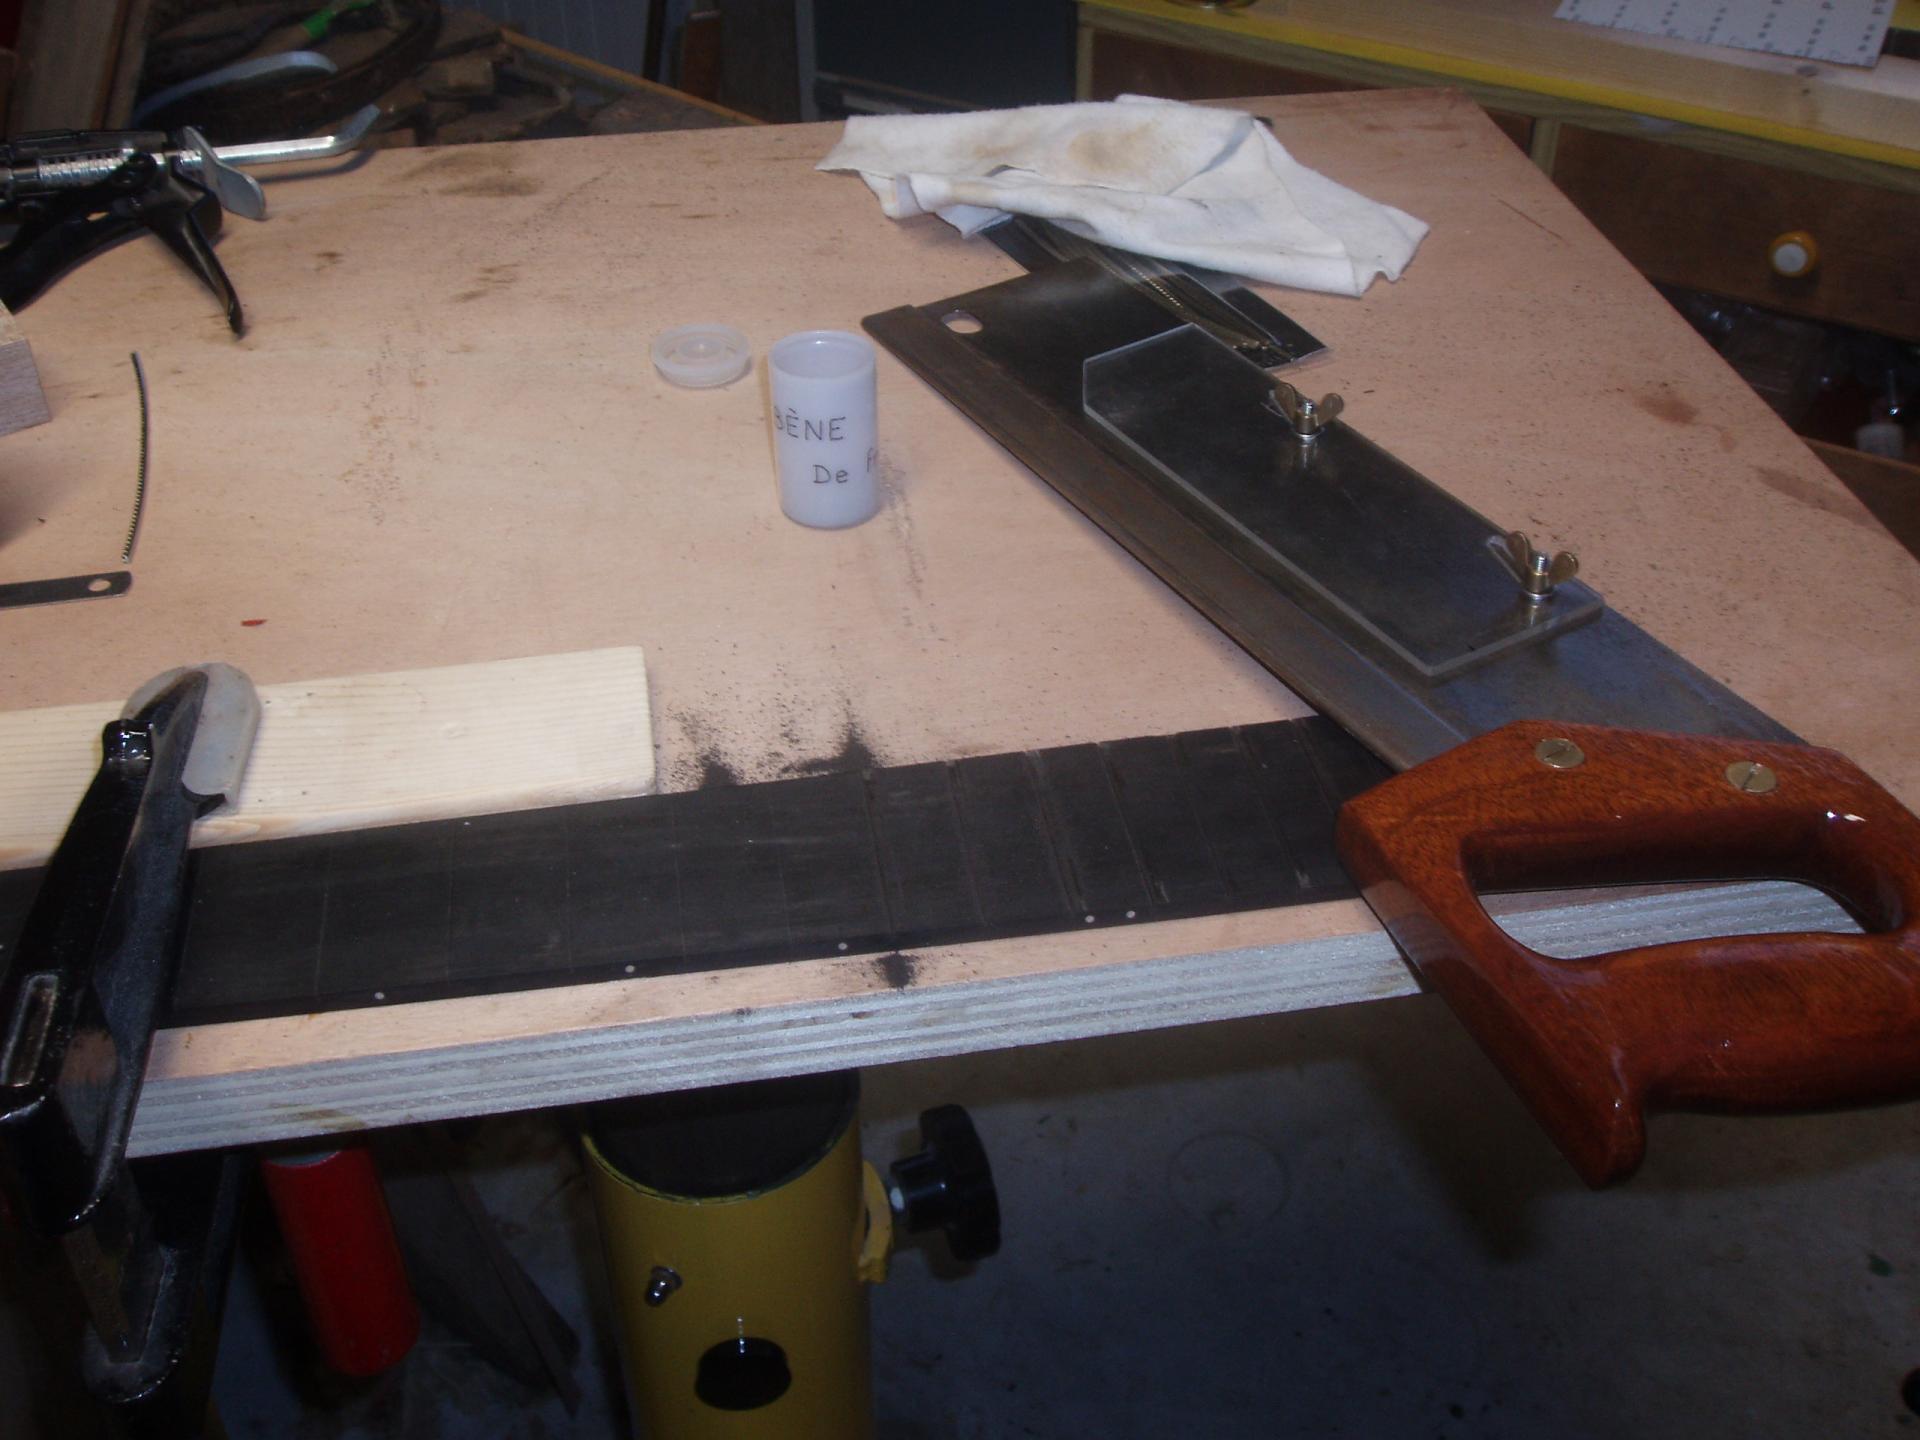 05 decoupe pour les frettes a la scie lame de recup affutee et ajustee pour les frettes avec son nouveau manche au vernis tous juste sec